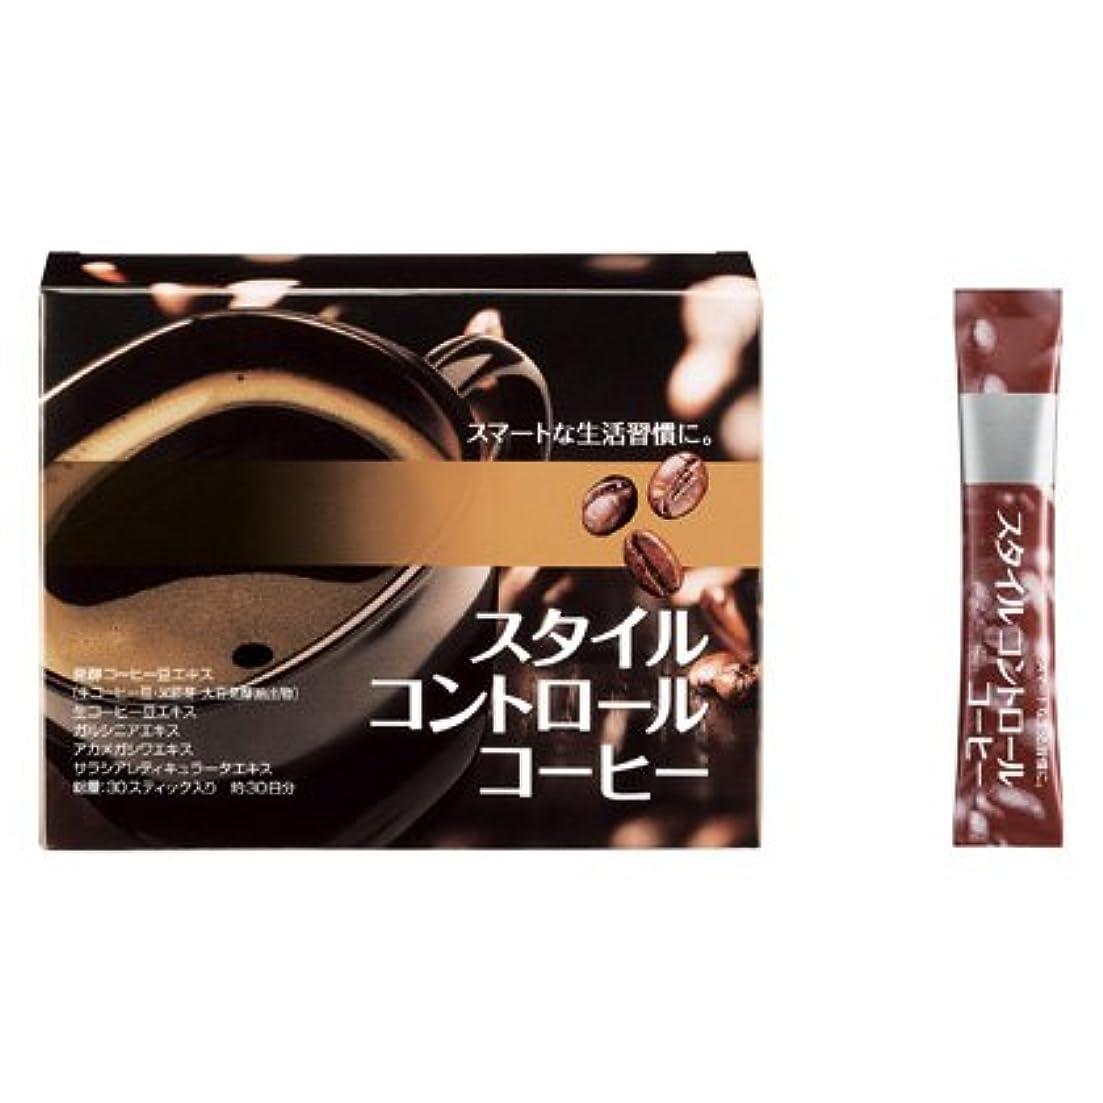 いつお肉靄エイボン ライフ ダイエットコーヒー (2.9g×30スティック)